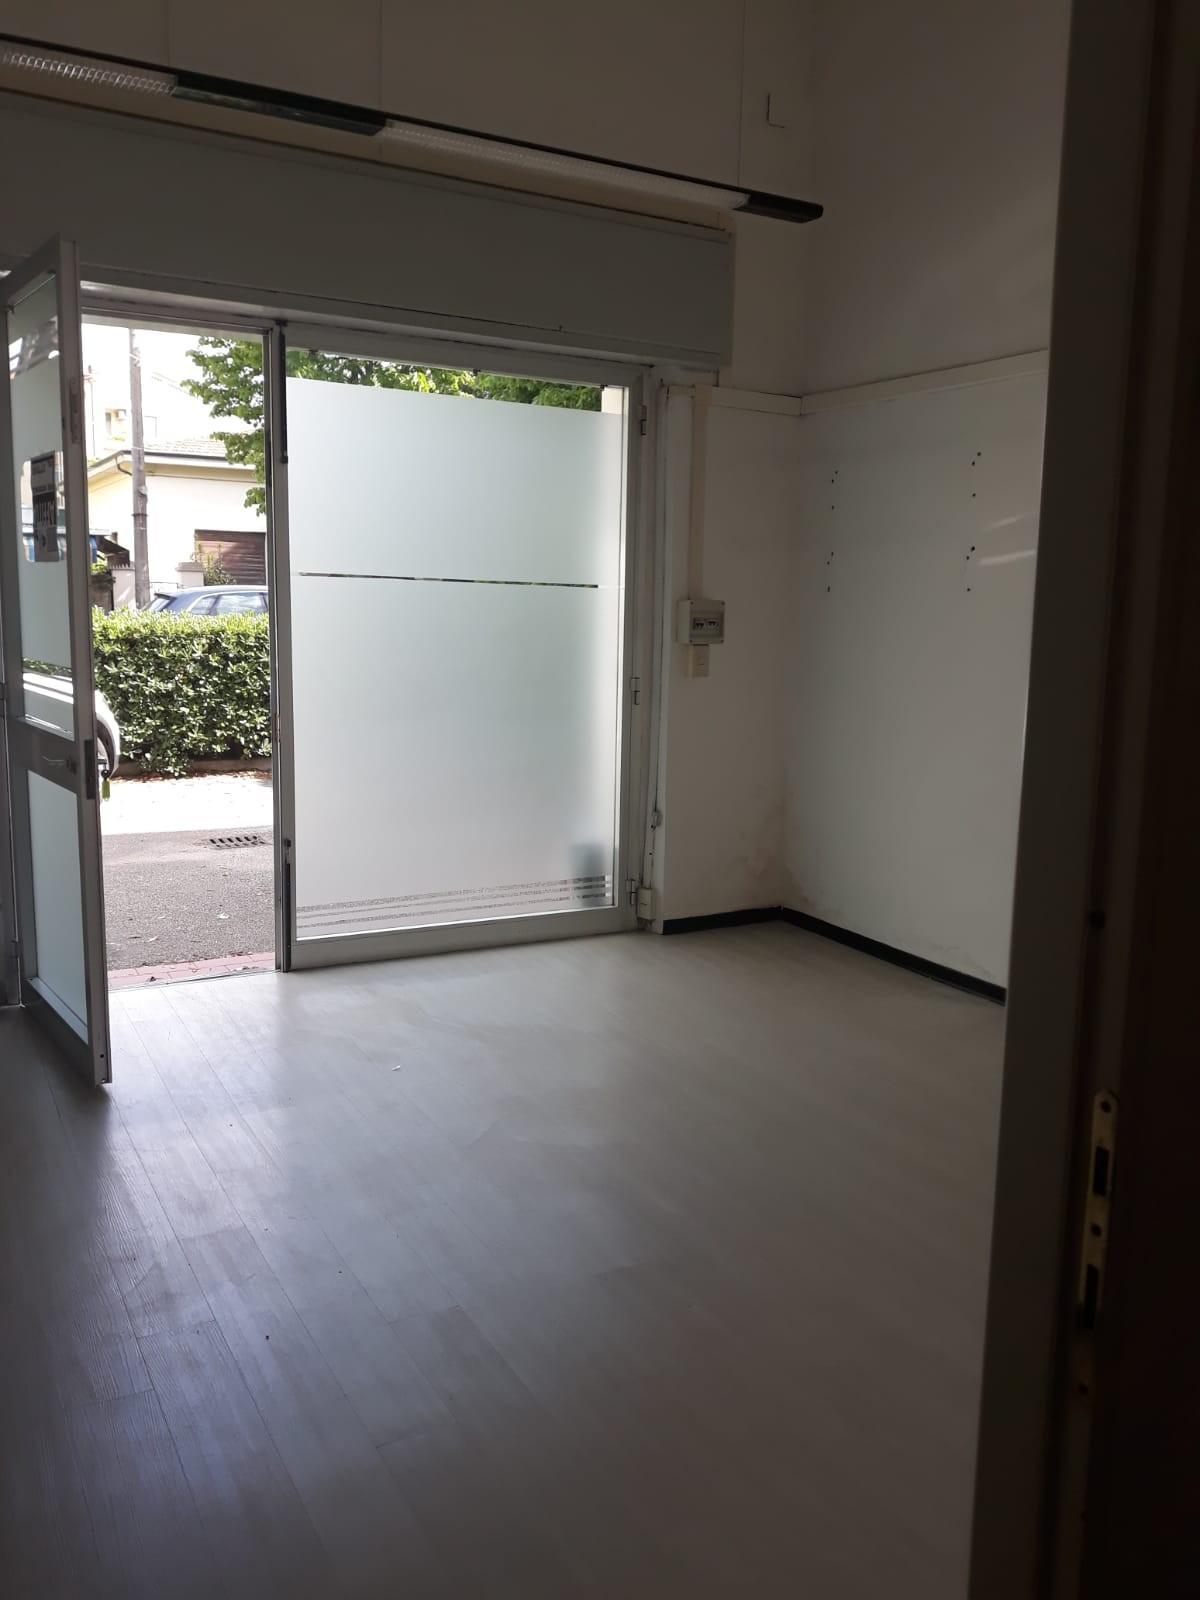 Ufficio in affitto a Navacchio Nord - Zambra, Cascina (PI)